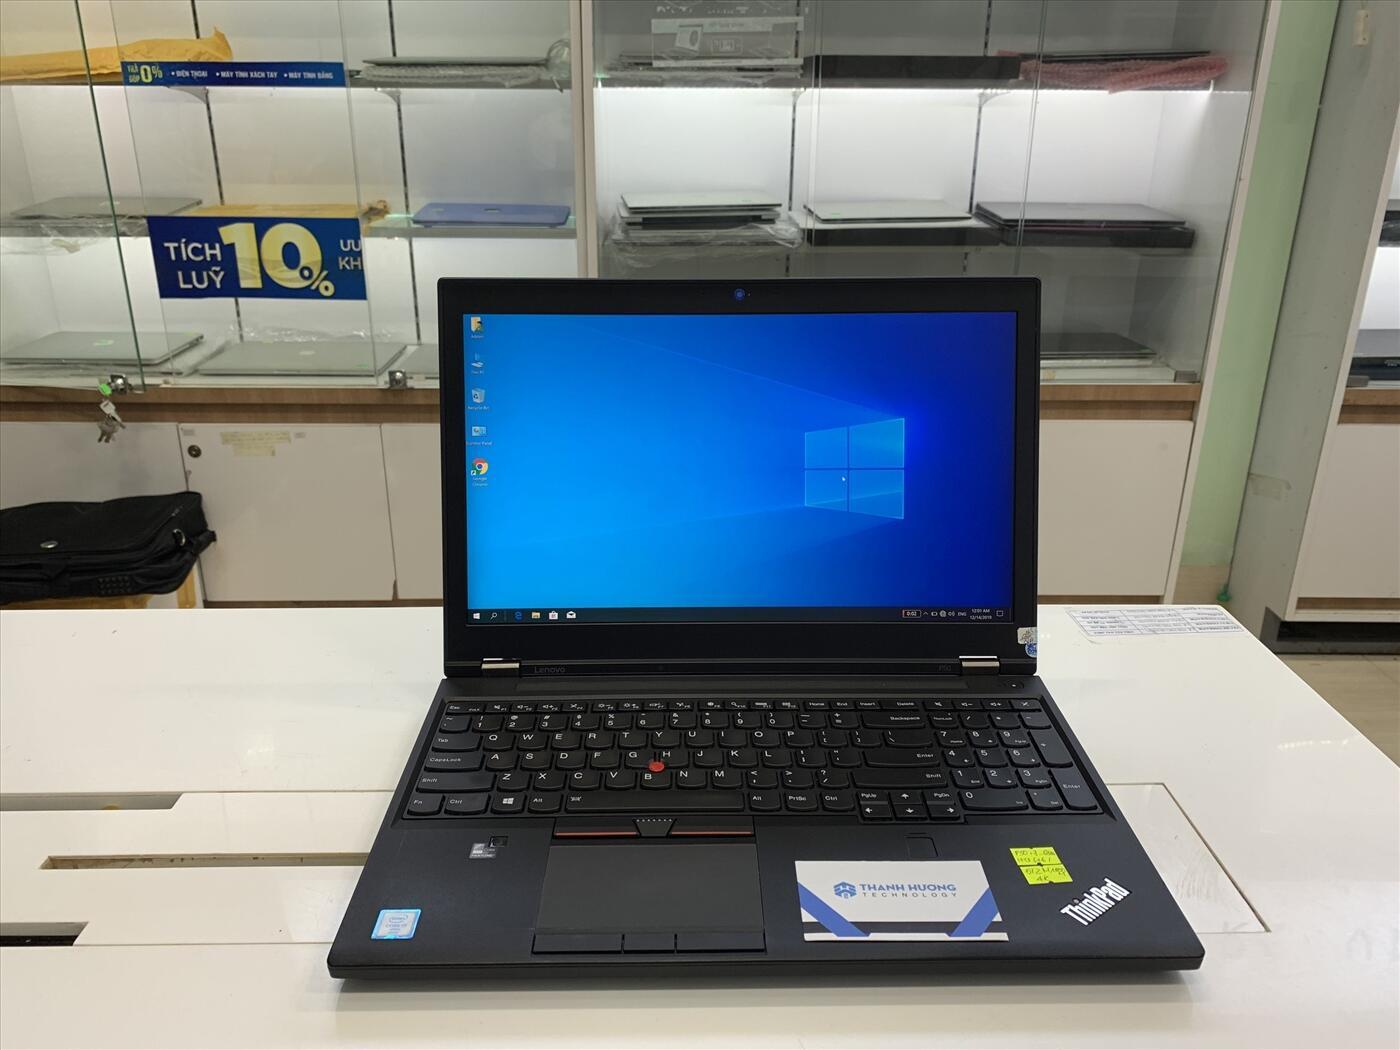 Lenovo ThinkPad P50 (Xeon E3-1505M v5 | Ram 16GB | SSD 512GB | 15.6 inch FHD | Nvidia Quadro M2000M)